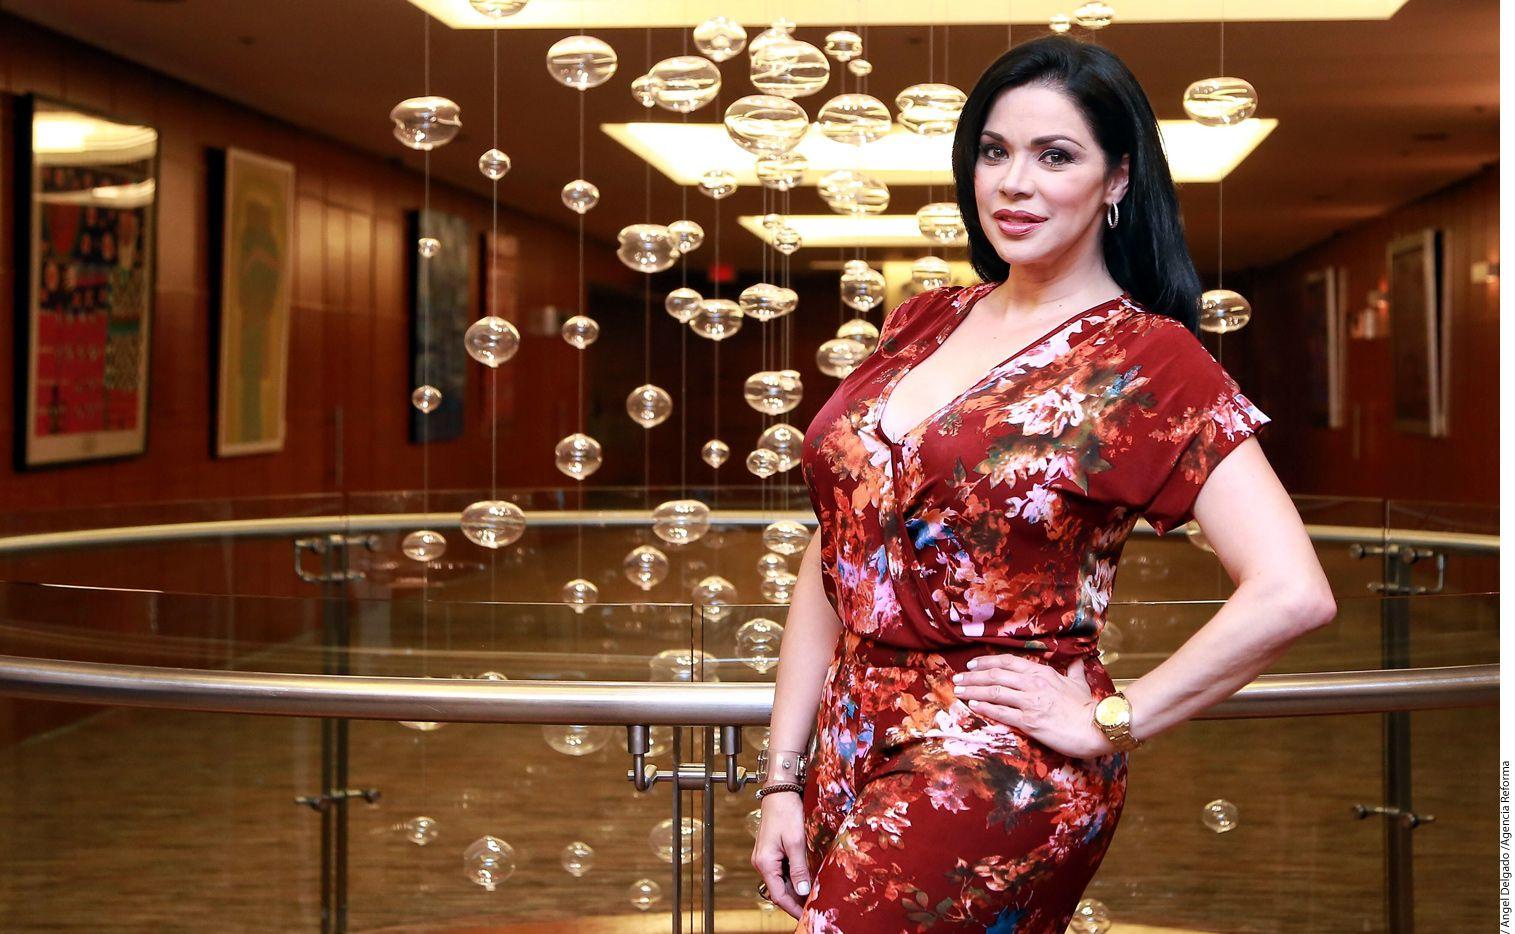 Astrid Carolina Herrera, Miss Mundo 1984, dijo que la tensión social y la crisis económica impactan a los concursos de belleza en su país./AGENCIA REFORMA